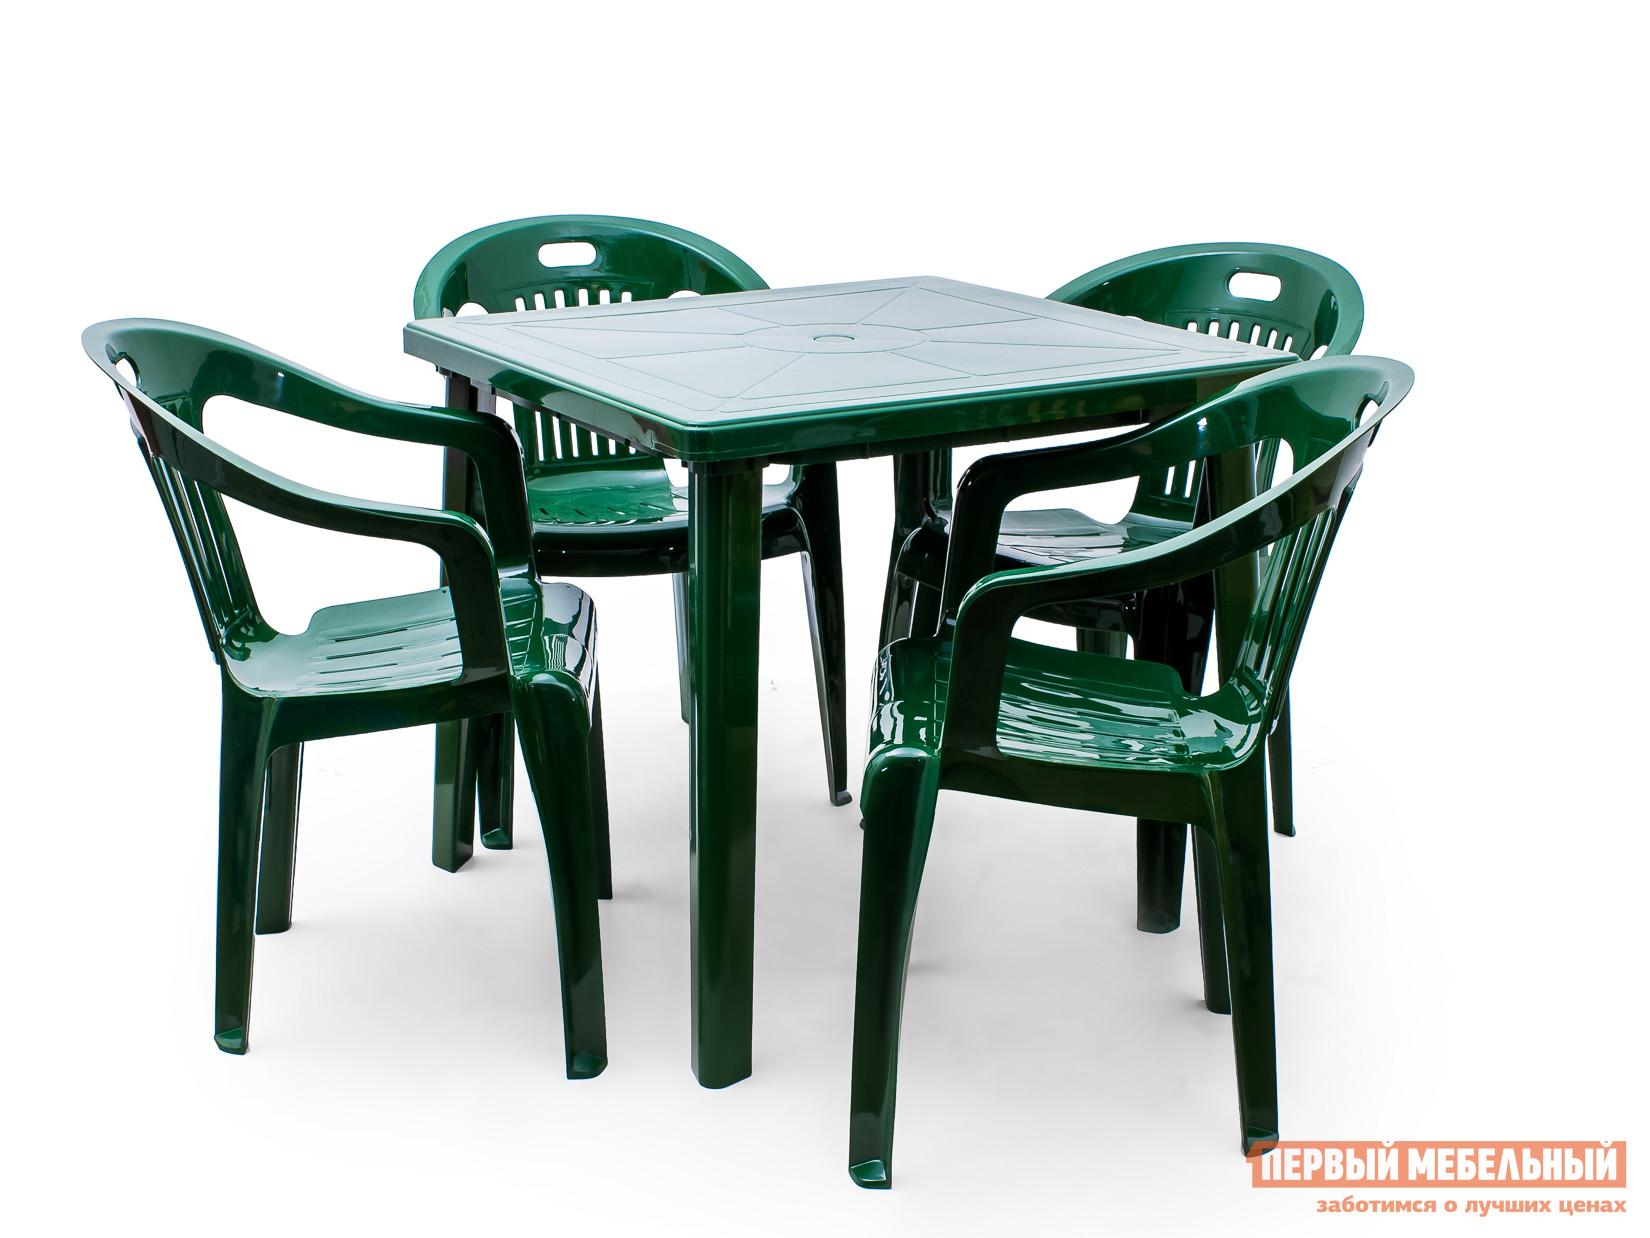 Набор пластиковой мебели Стандарт Пластик Стол квадратный (800х800х710) + Кресло №5 Комфорт-1 (540x535x780мм), 4 шт. Темно-зеленыйНаборы пластиковой мебели<br>Габаритные размеры ВхШхГ xx мм. Набор пластиковой мебели для организации дачного застолья на свежем воздухе.  Также такая мебель подойдет для уличных кафе. Каждое кресло рассчитано на максимальный вес 120 кг. Размеры элементов:Стол: 710 Х 800 Х 800 мм, вес 5 кг; Кресло: 780 Х 540 Х 535 мм, вес 2. 4 кг. Кресла поставляются в собранном виде.  Стол разобран – для сборки стола необходимо вкрутить ножки в столешницу.<br><br>Цвет: Зеленый<br>Кол-во упаковок: 5<br>Форма поставки: В собранном виде<br>Срок гарантии: 1 год<br>Тип: На 4 персоны